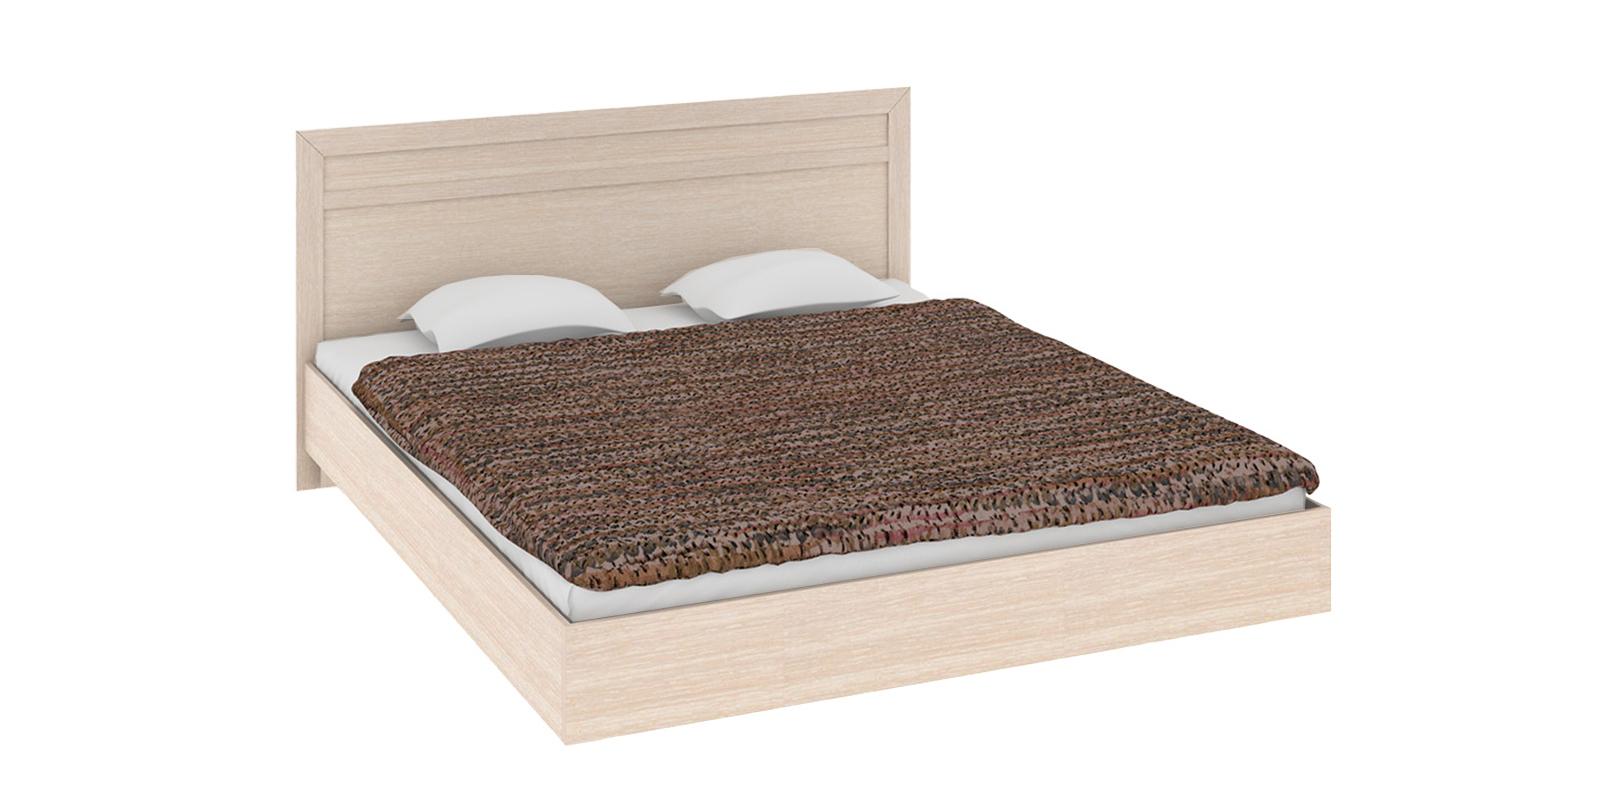 Кровать каркасная Дельта с ортопедическим основанием (дуб белфорт)